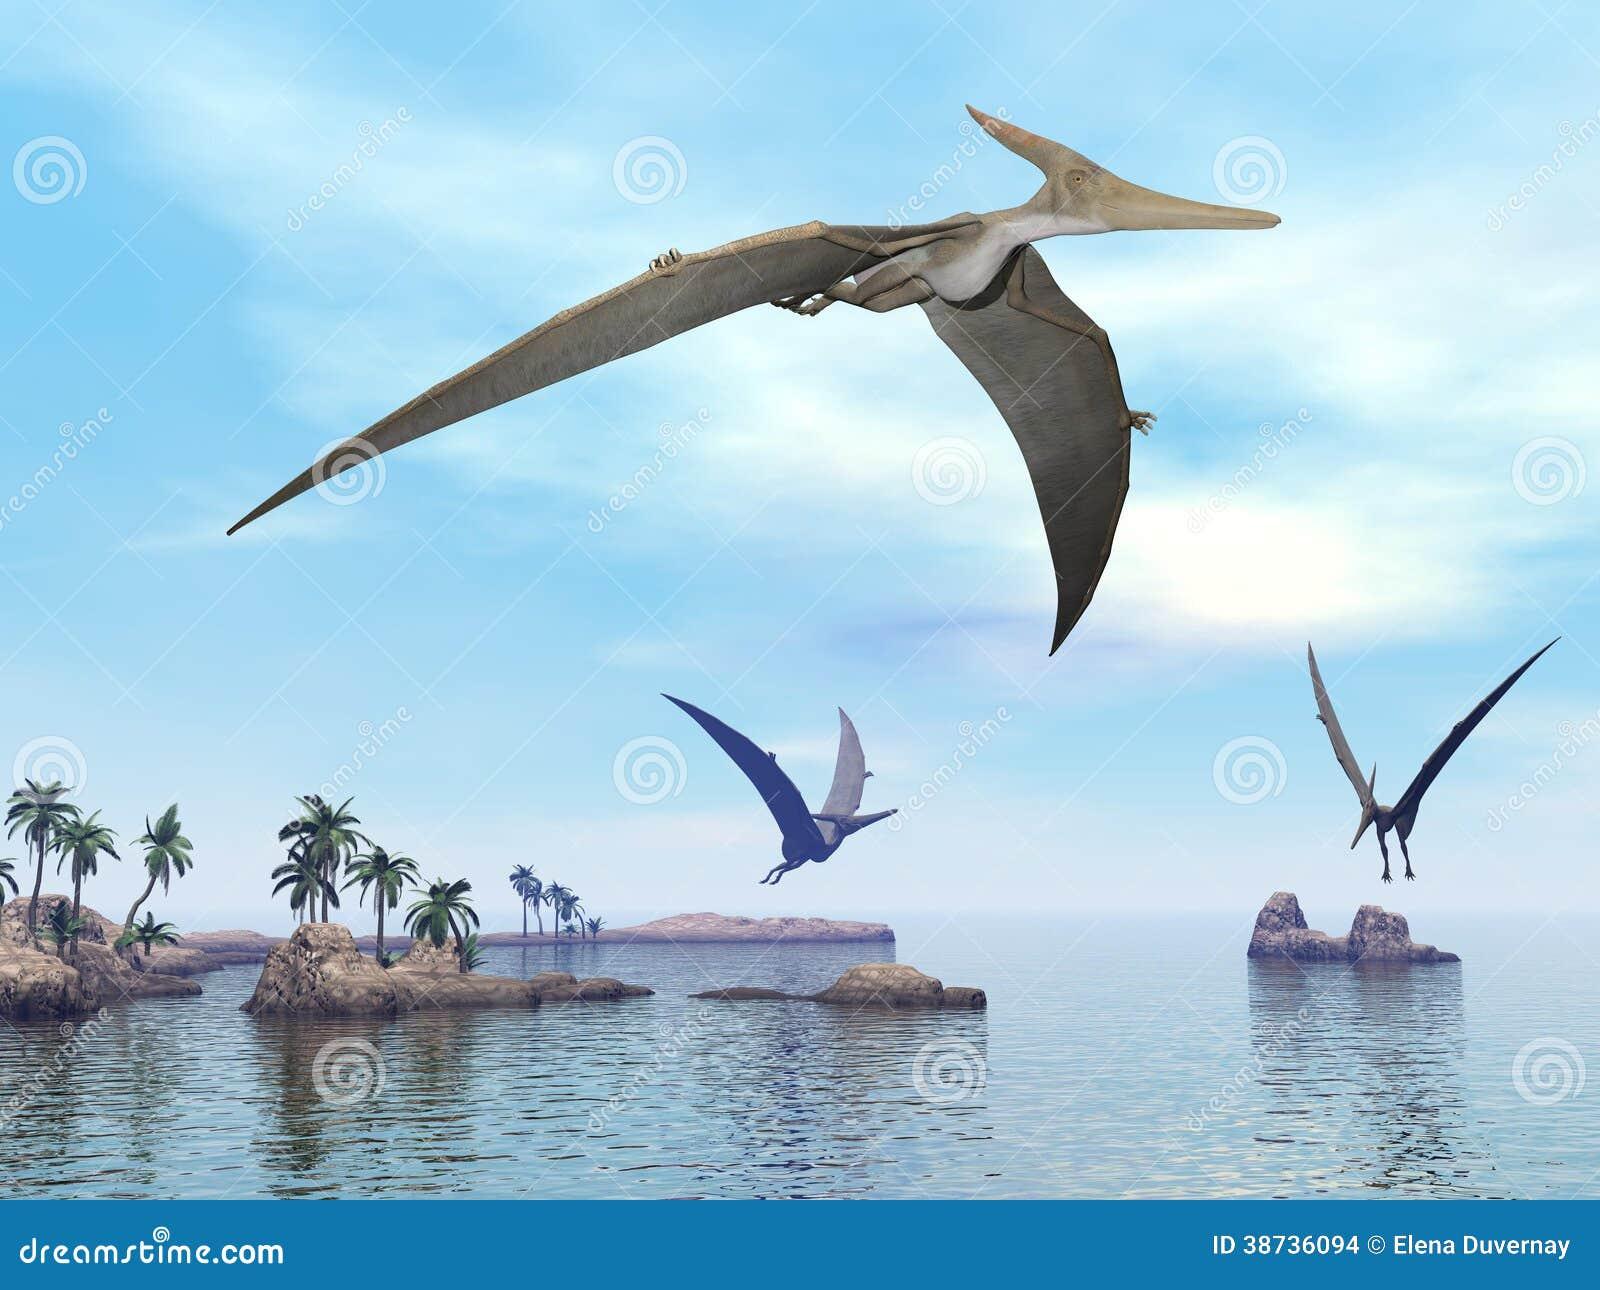 Dinosaurios De Pteranodon Que Vuelan 3d Rinden Stock De Ilustracion Ilustracion De Pteranodon Rinden 38736094 La historia se centra en la familia sinclair integrada por. dreamstime